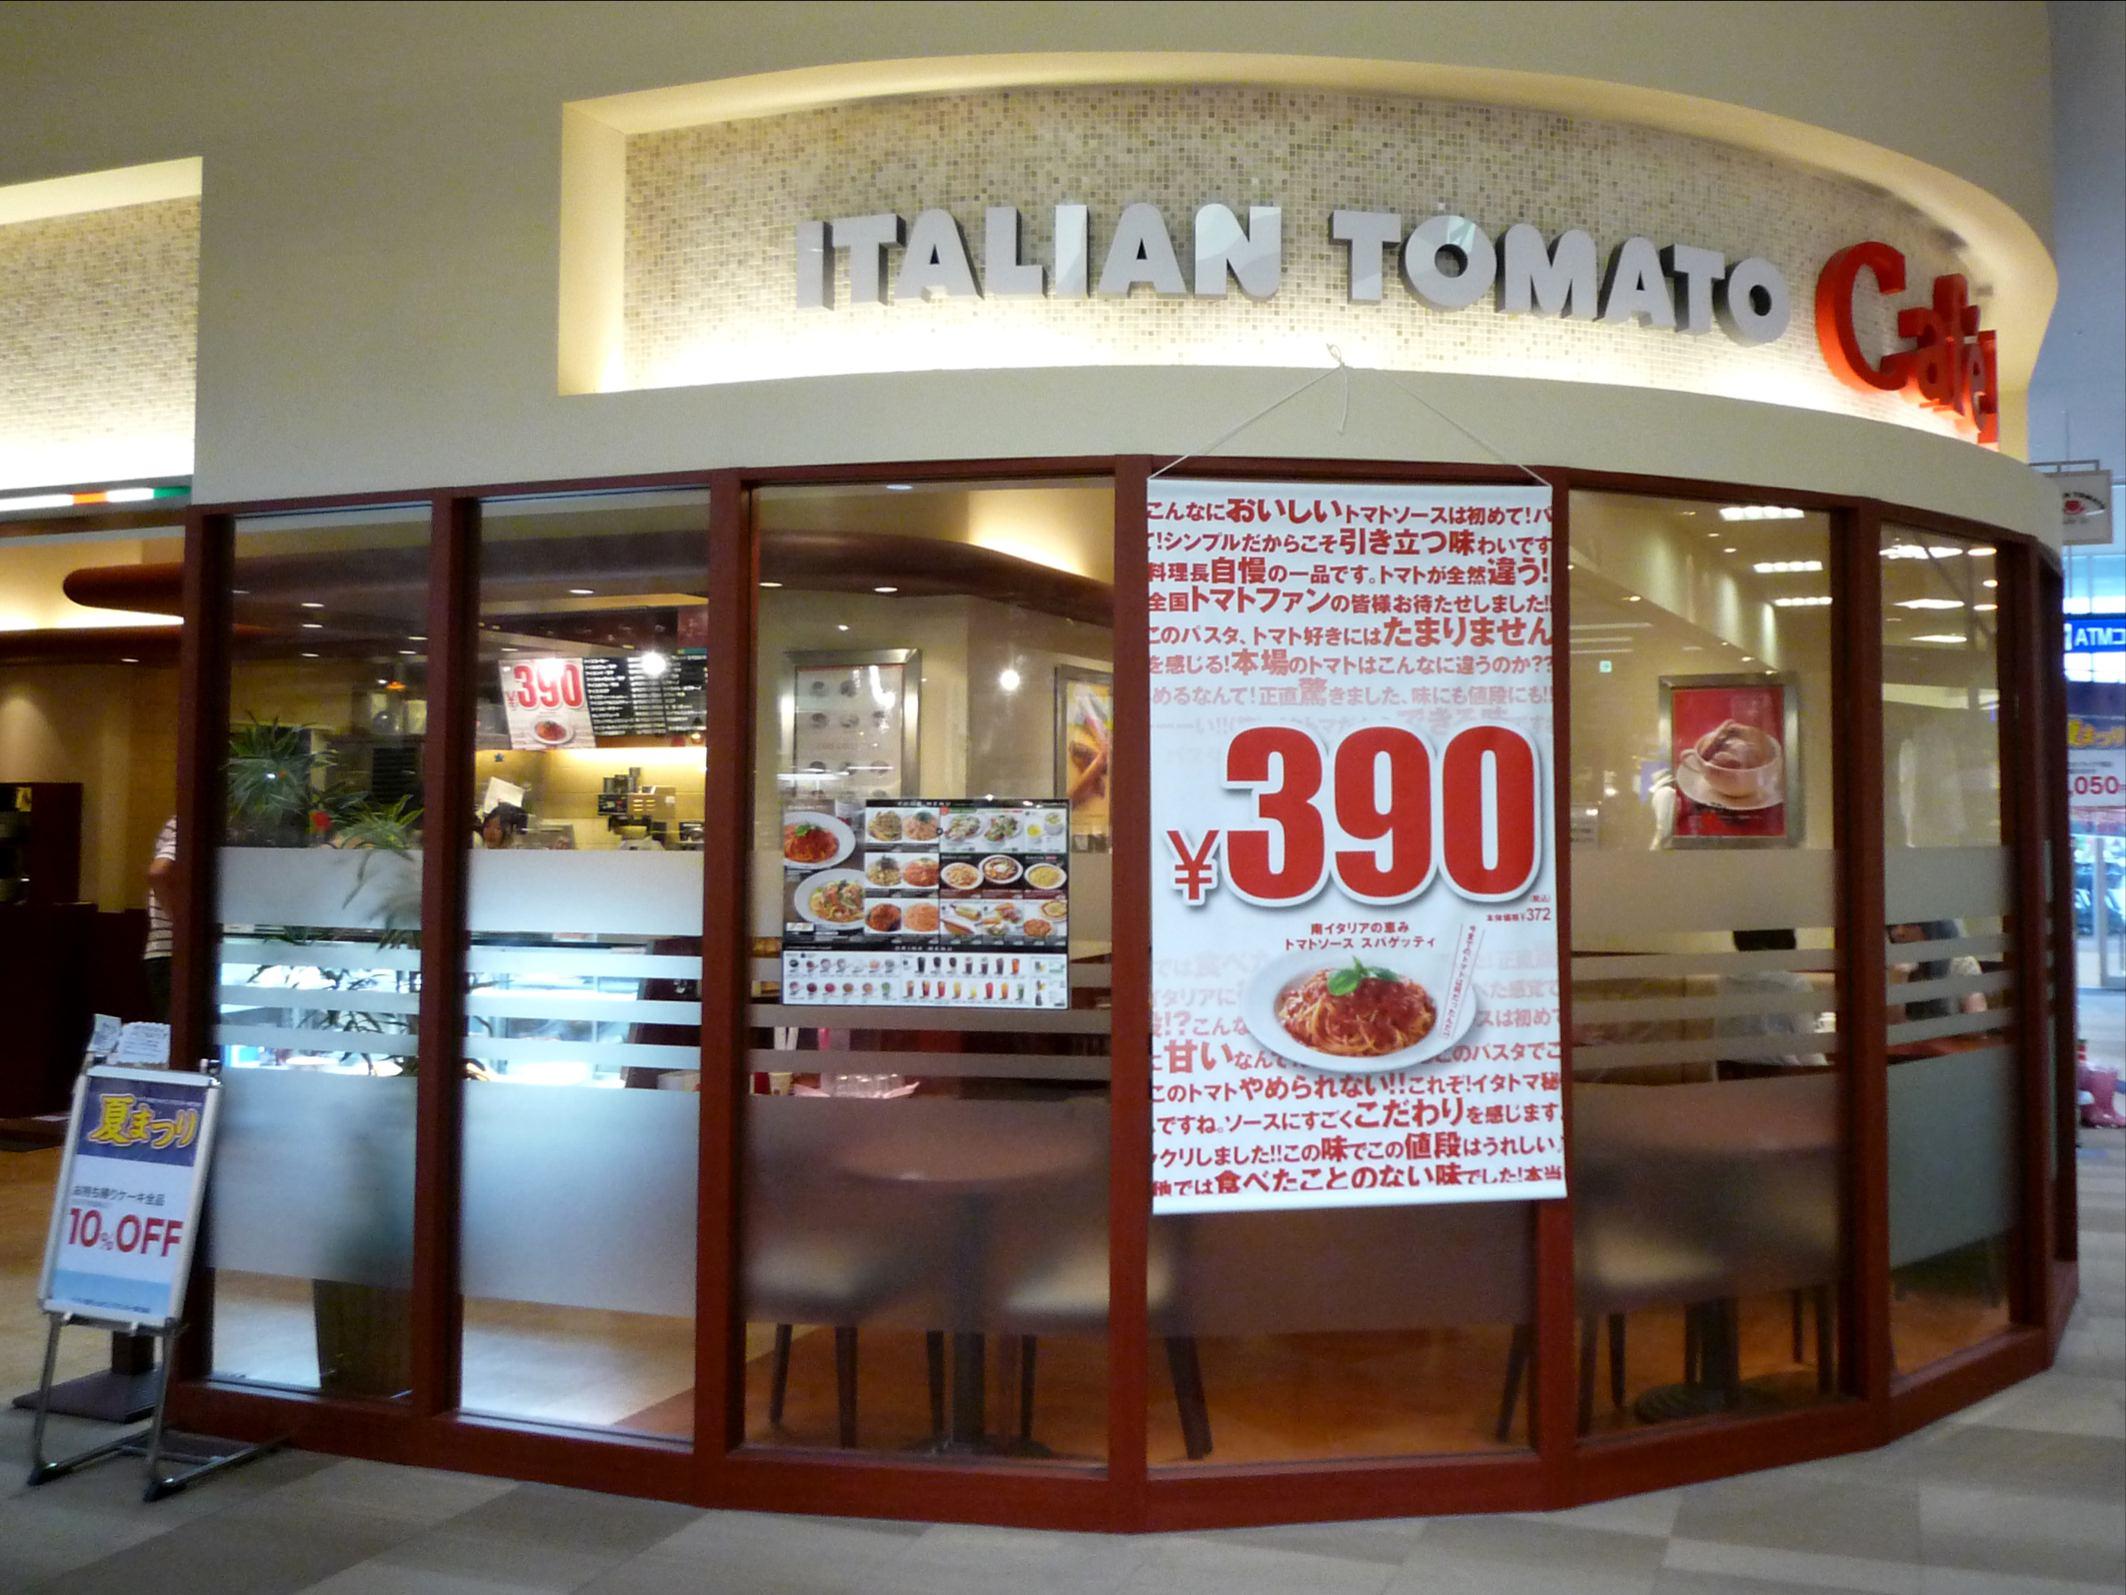 イタリアン・トマト カフェジュニア イオン名寄SC店